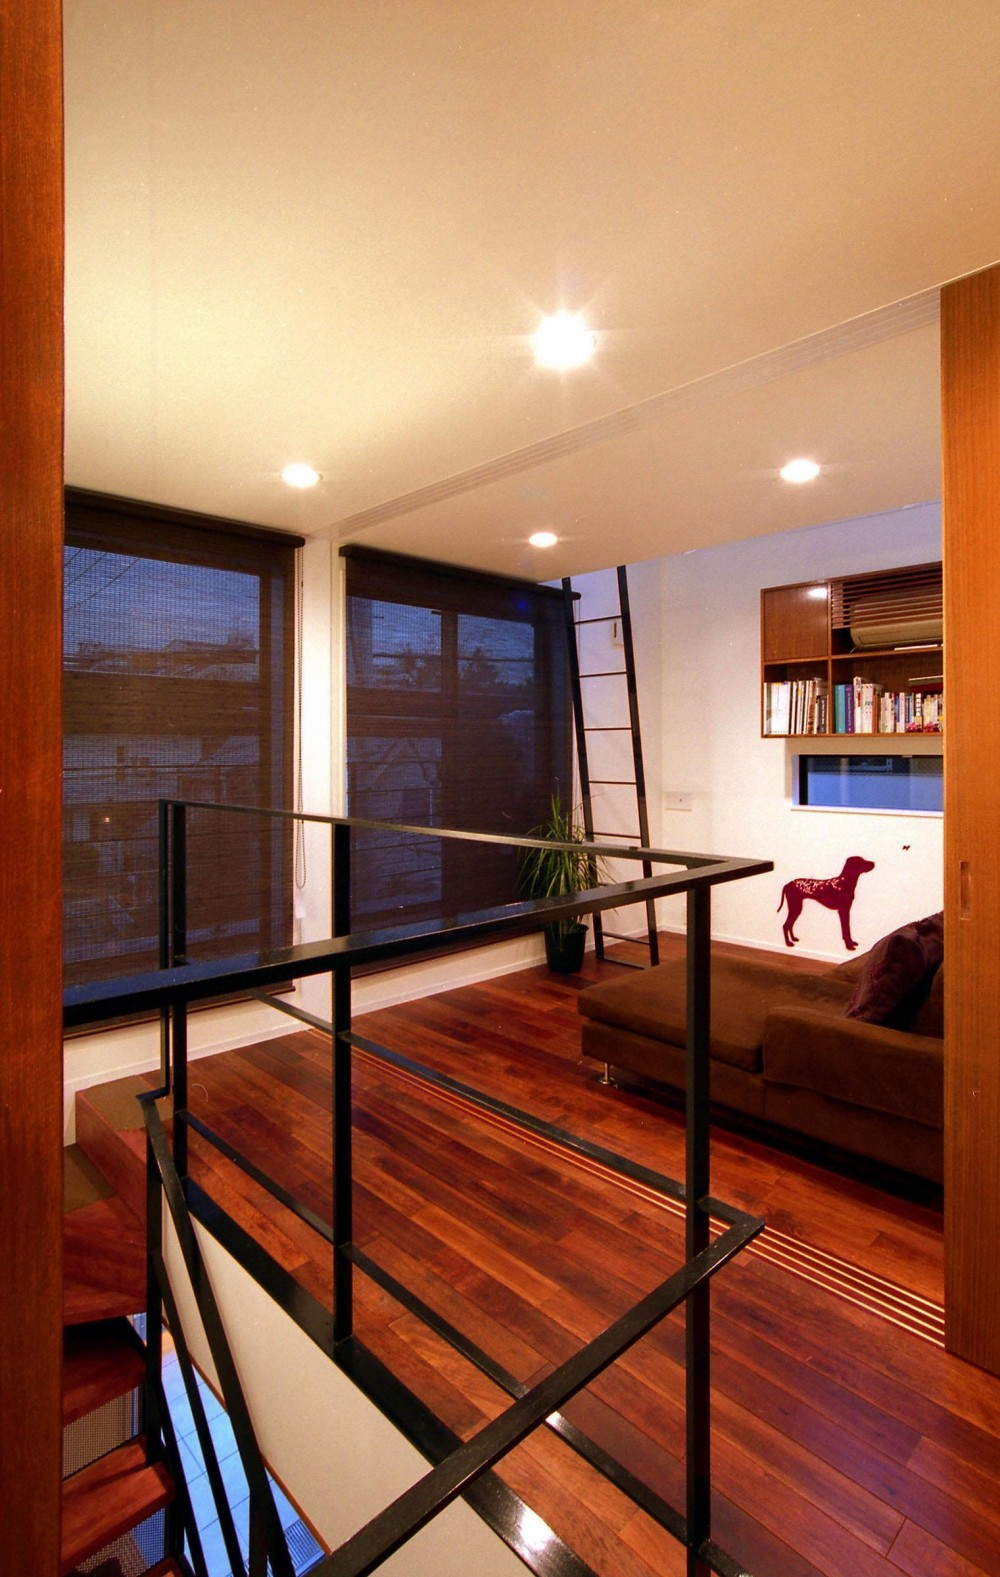 オープンテラスの家・OPEN TERRACE HOUSE 東京都世田谷区 (階段ホール・セカンドリビング)